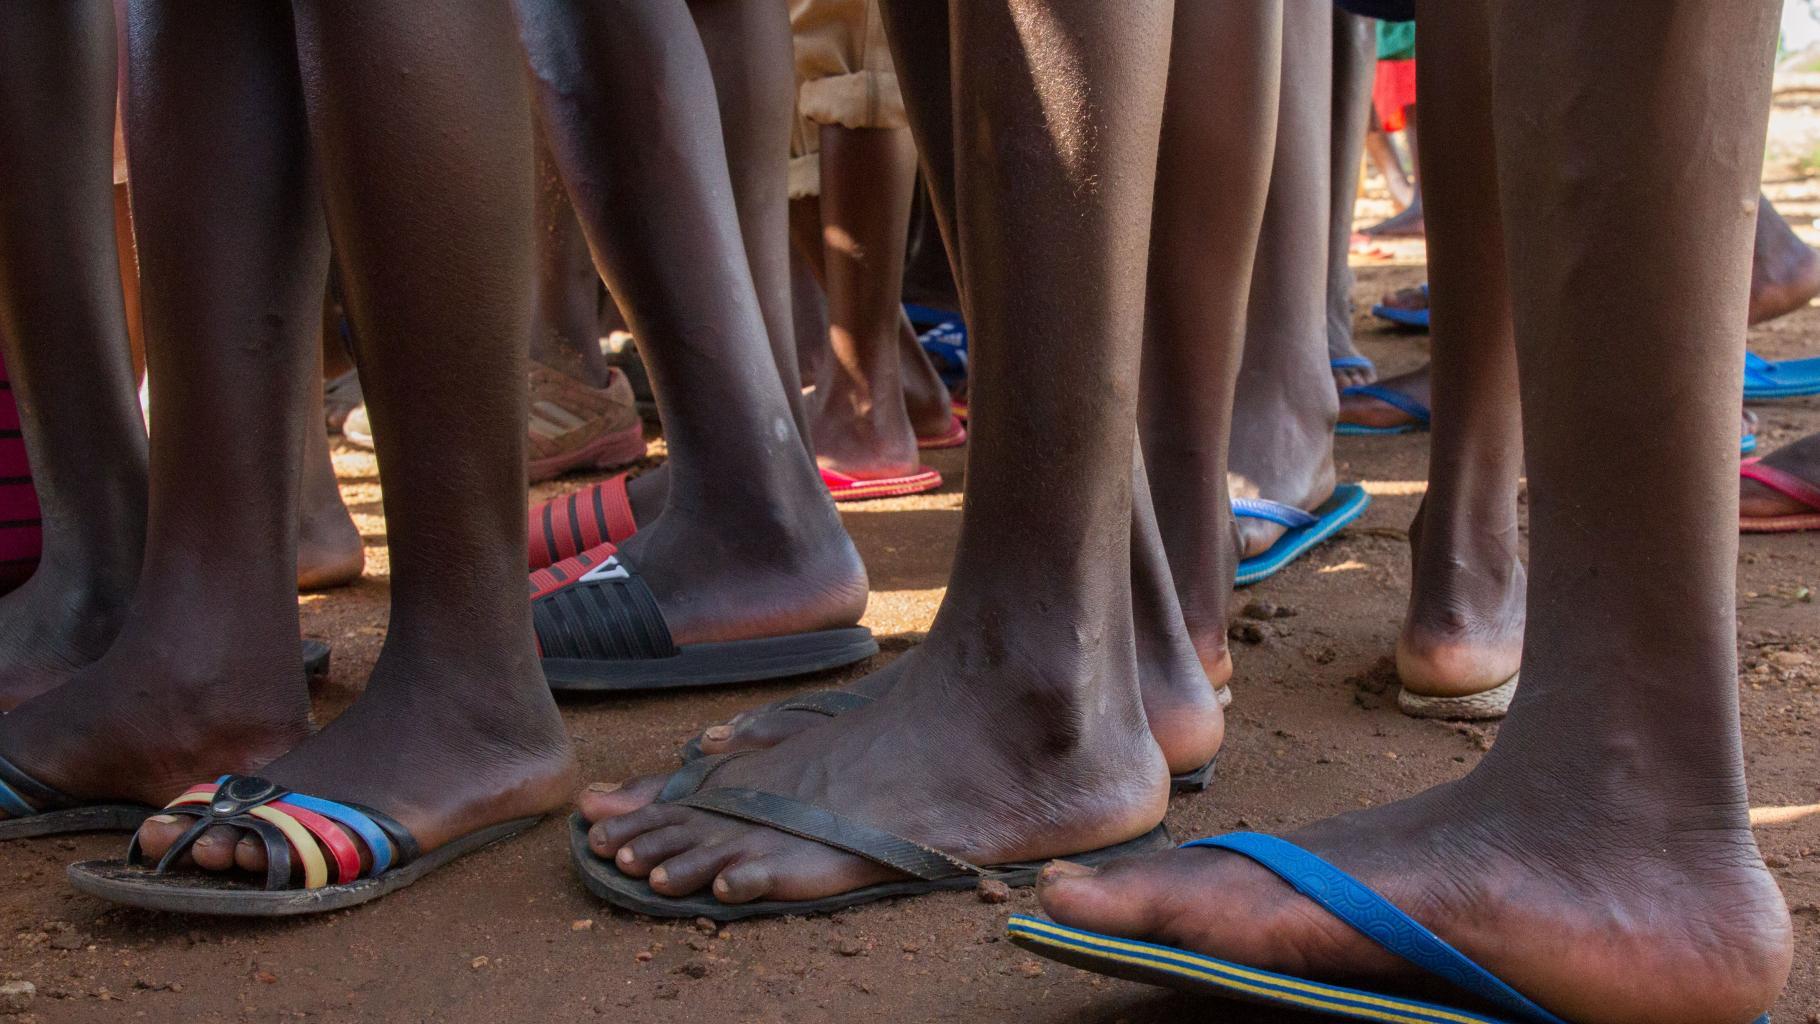 Füße von Schüler*innen einer Grundschule im Flüchtlingscamp Bidi Bidi in Uganda